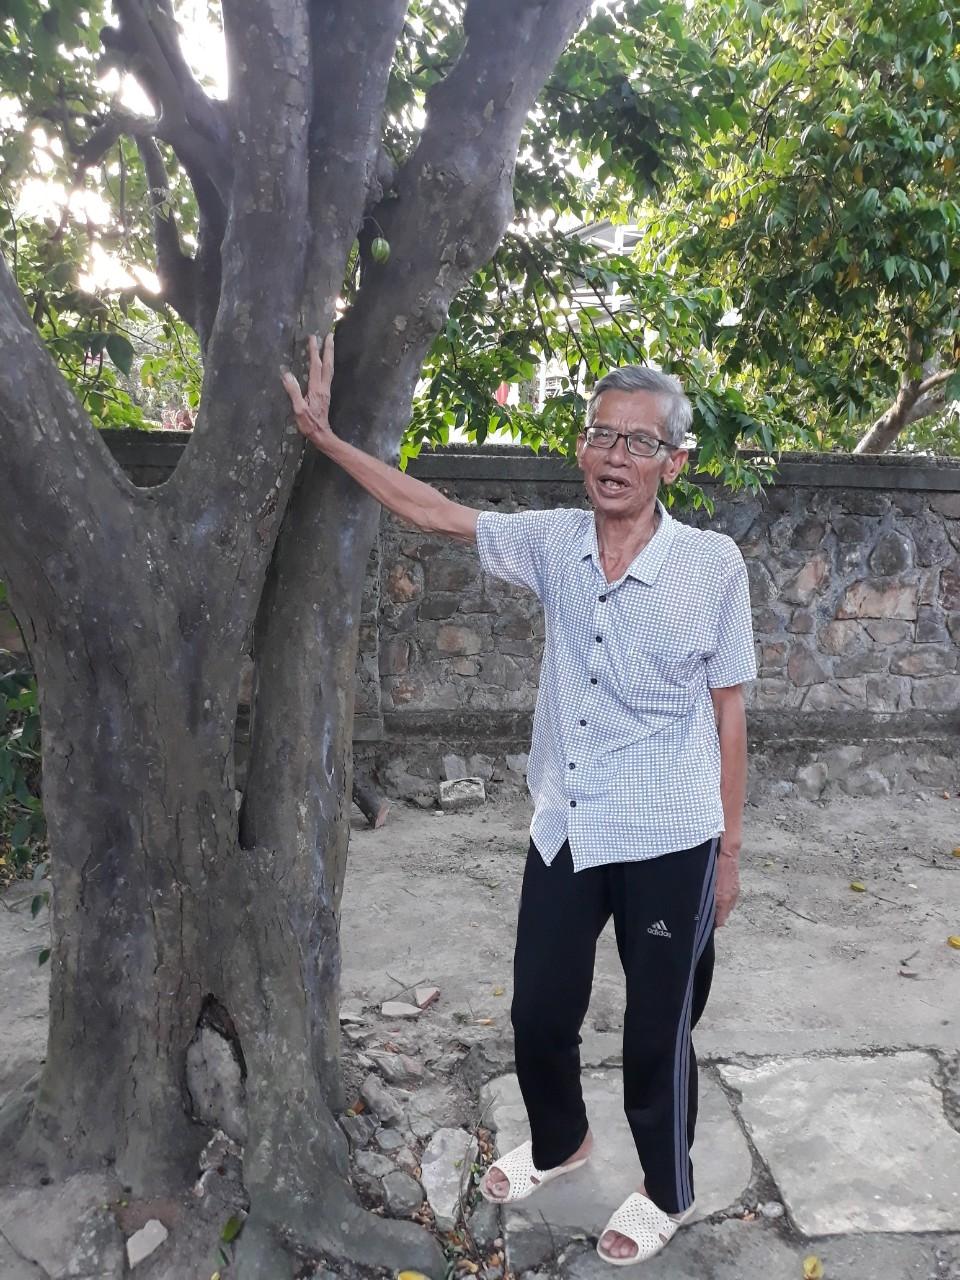 Cụ Võ Đại Hàm kể về năm tháng tuổi thơ của Đại tướng bên cây khế trăm tuổi